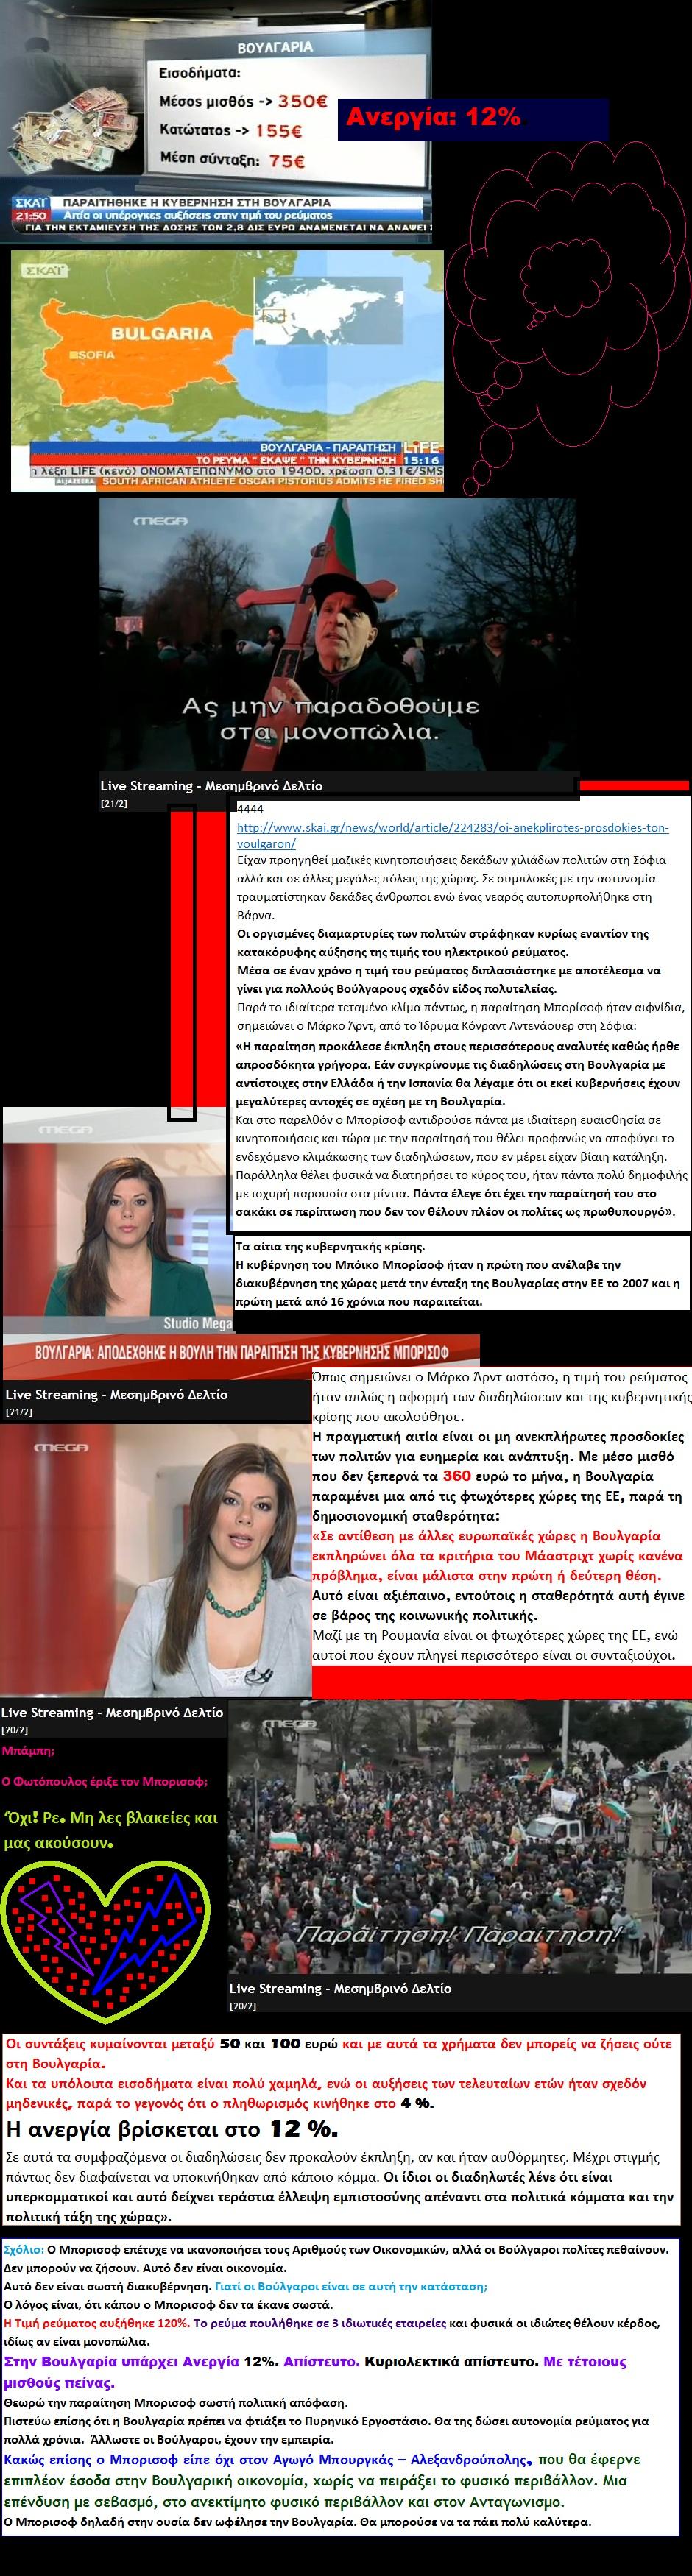 BULGARIA ECONOMY MISTHOI 01 02 210213